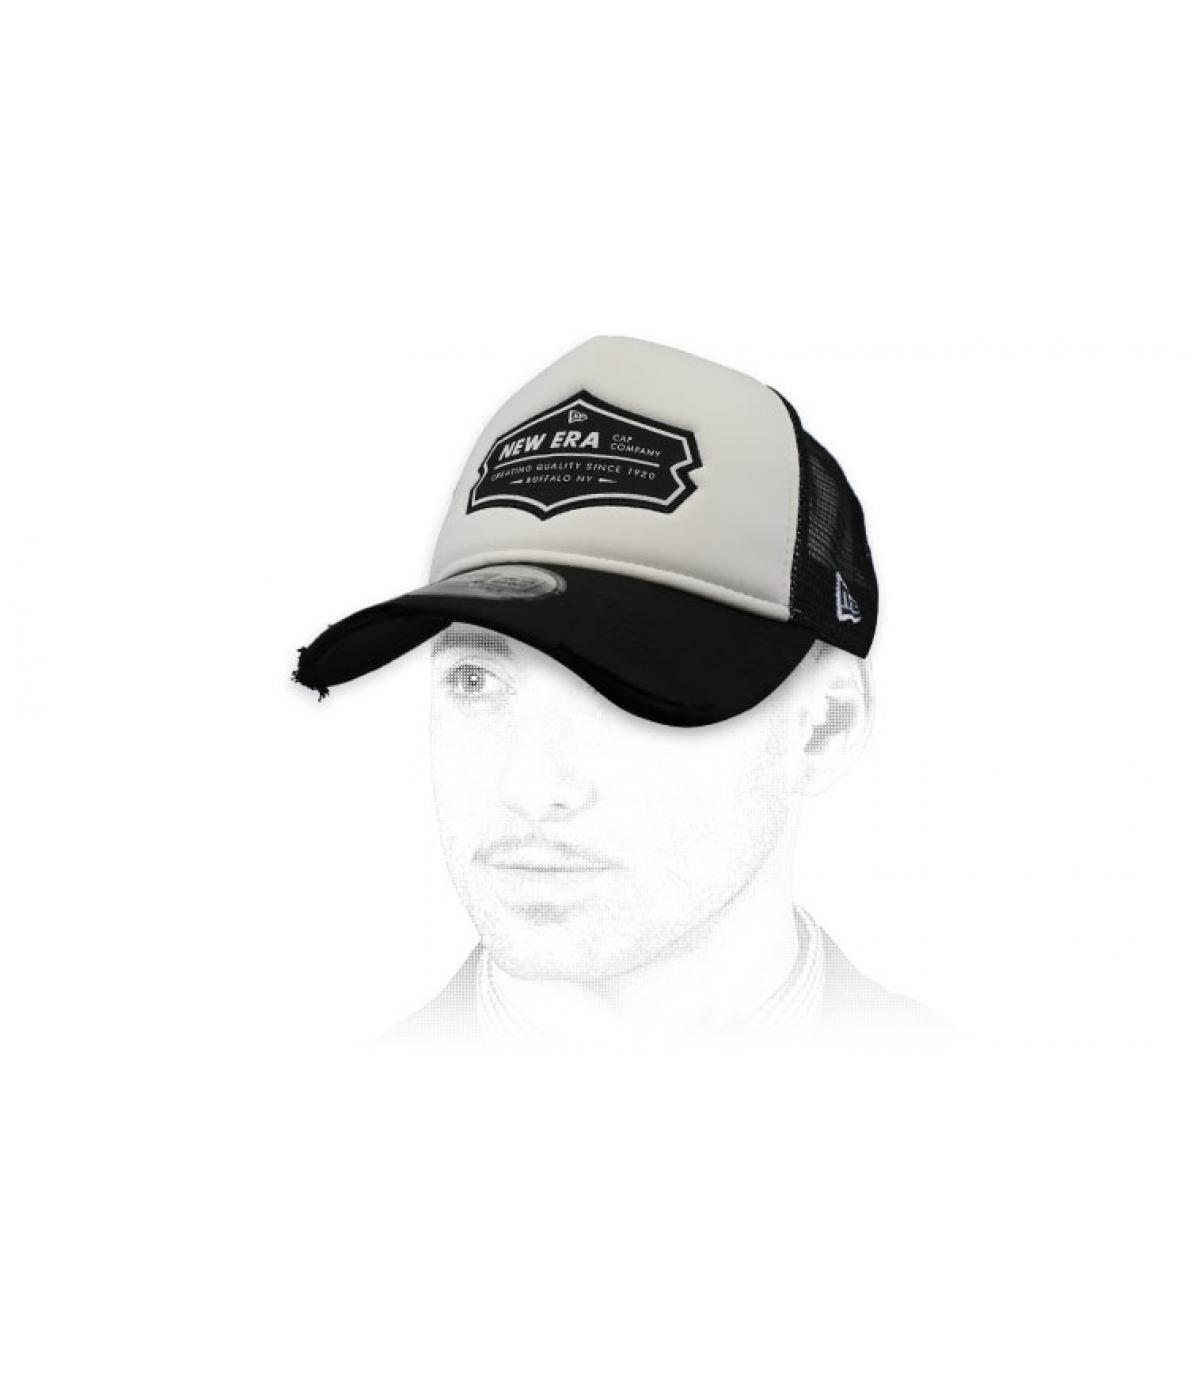 black white New Era trucker